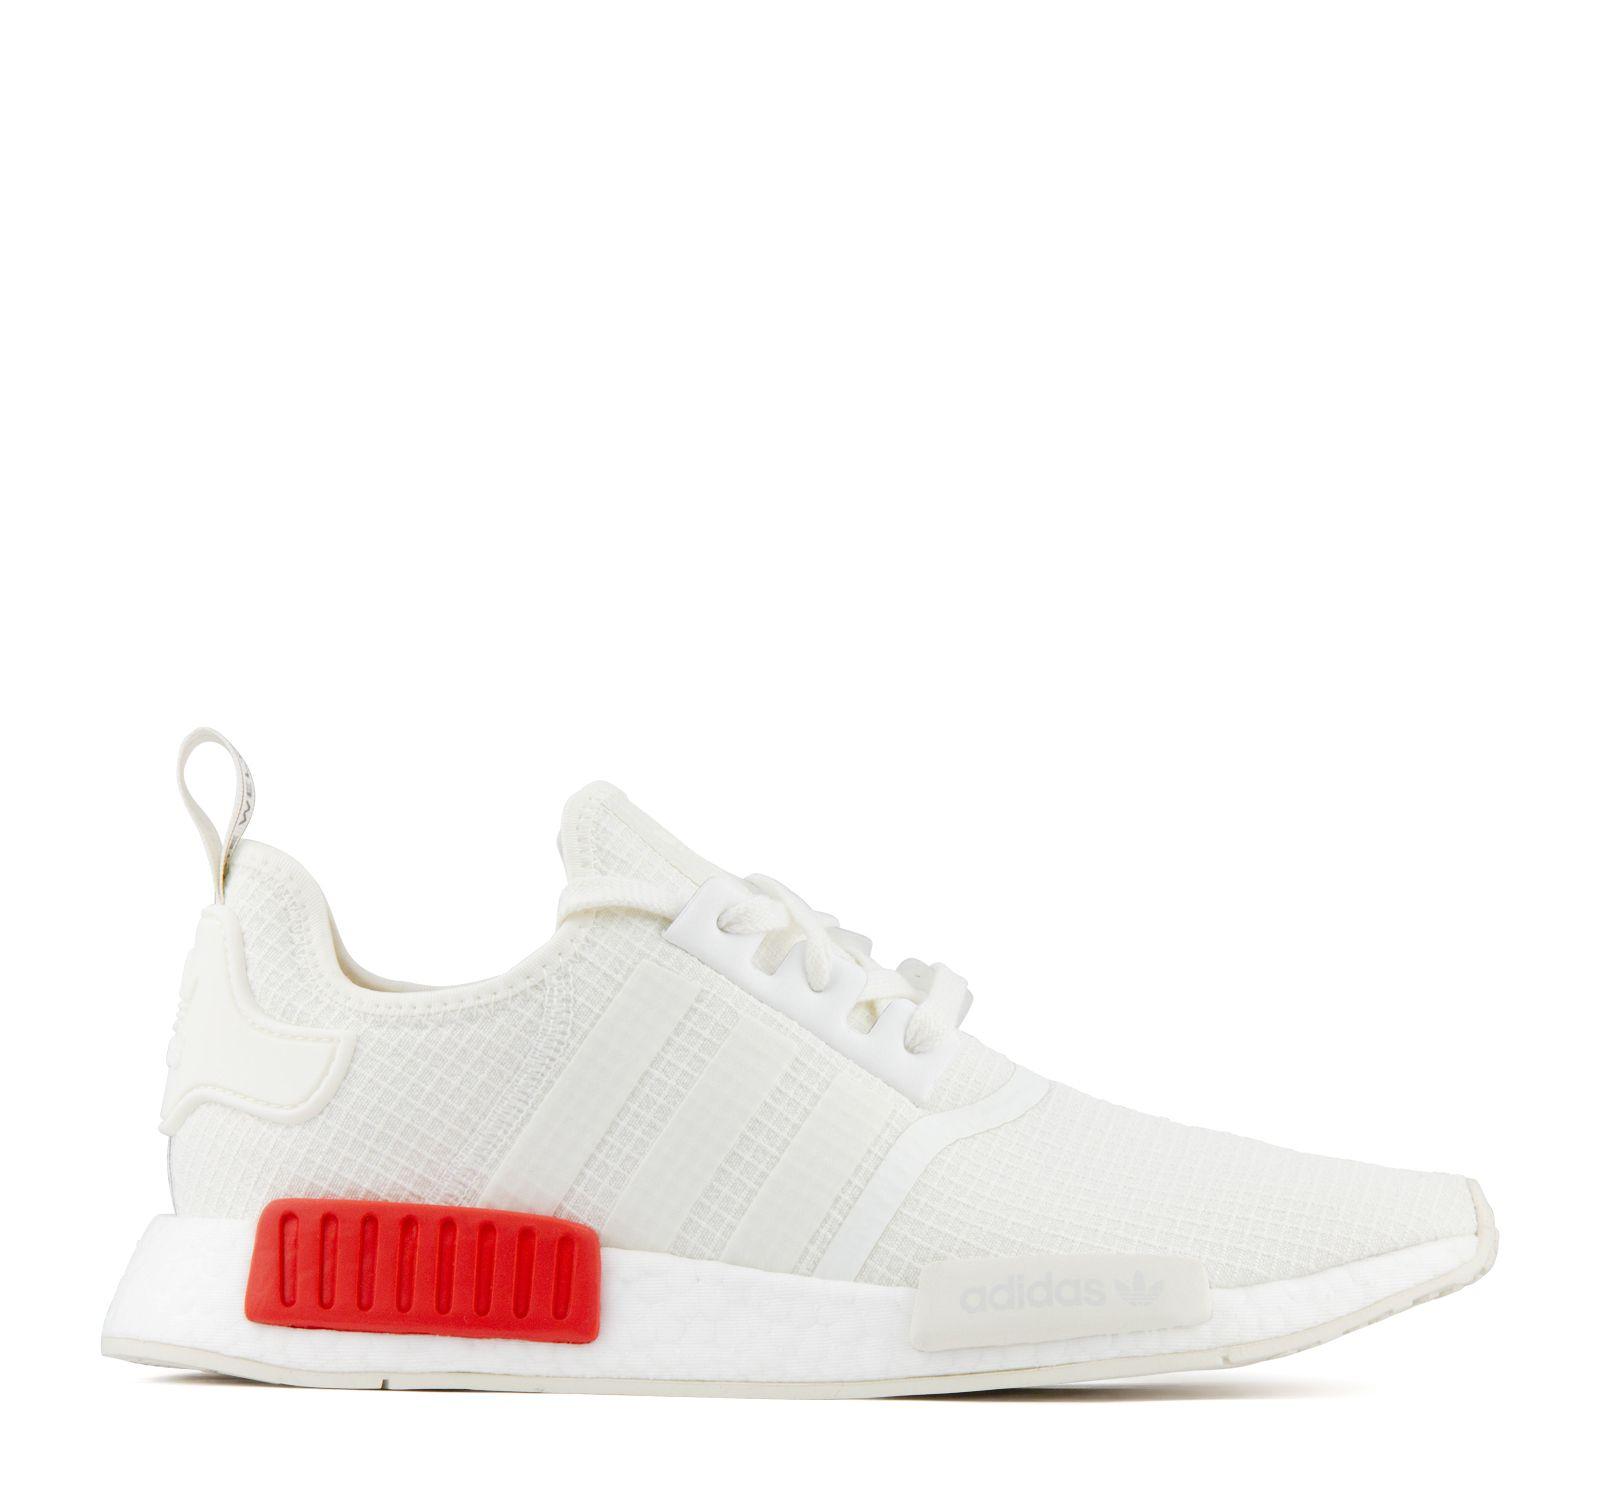 info for 0c8f9 1f5ff Adidas Originals NMD R1 B37619 - Off White